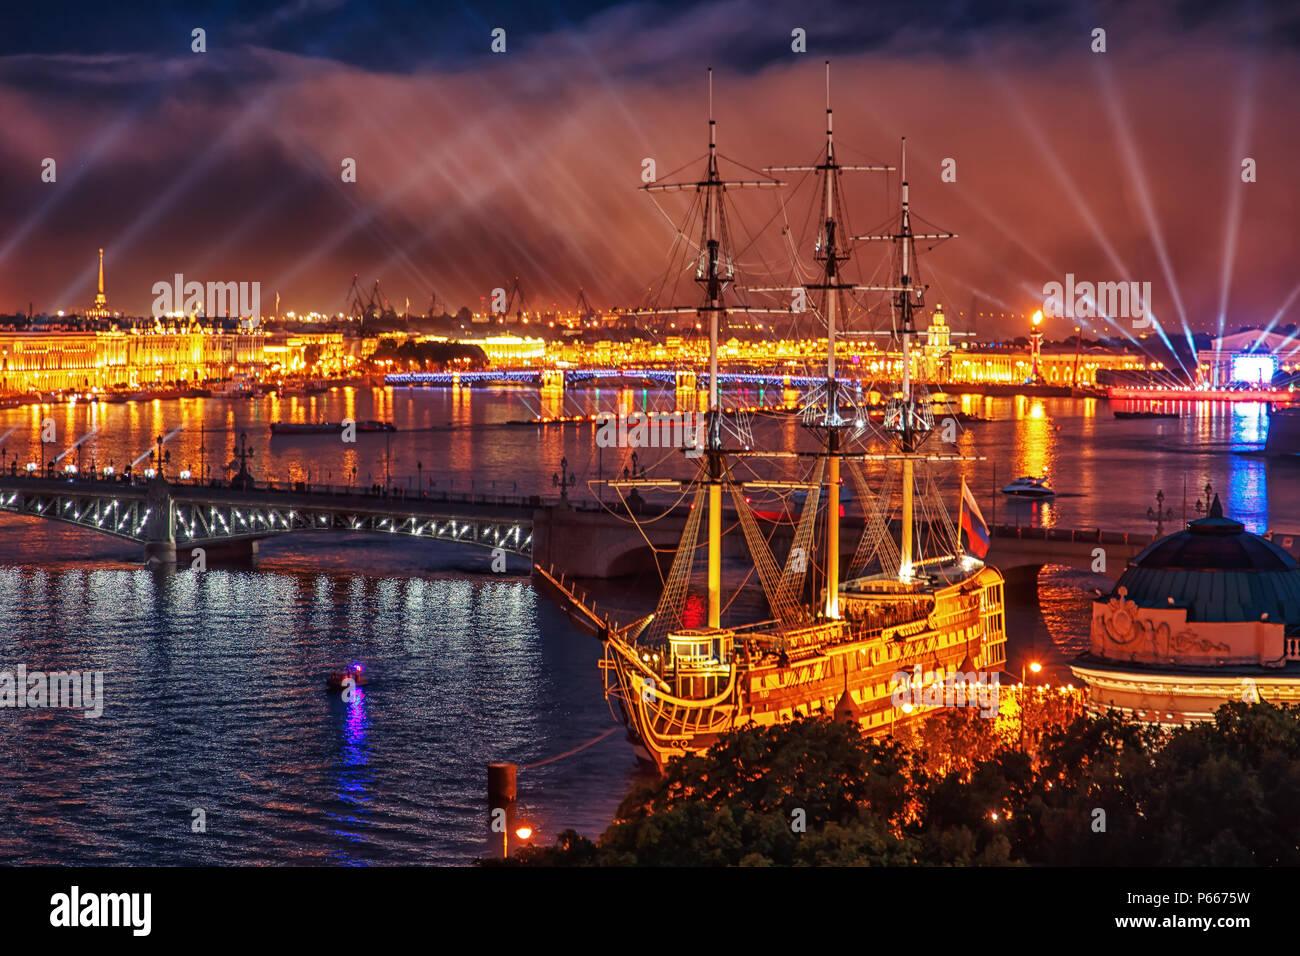 Scarlet Sails Celebrazione a San Pietroburgo. Festa tradizionale di laureati. Immagini Stock